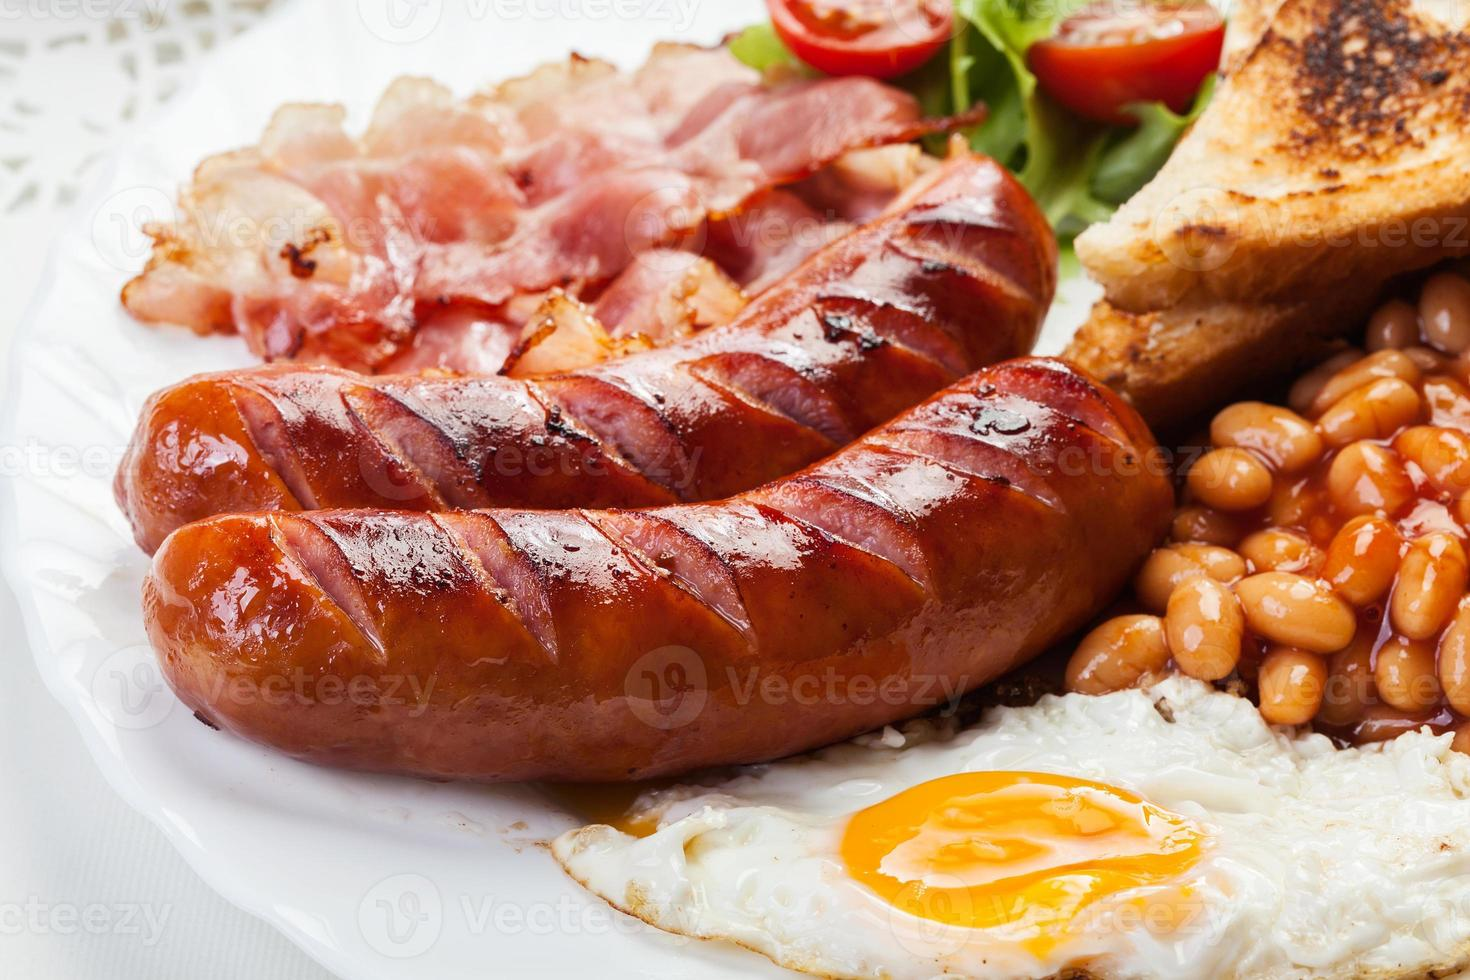 compleet Engels ontbijt met spek, worst, ei en bonen foto